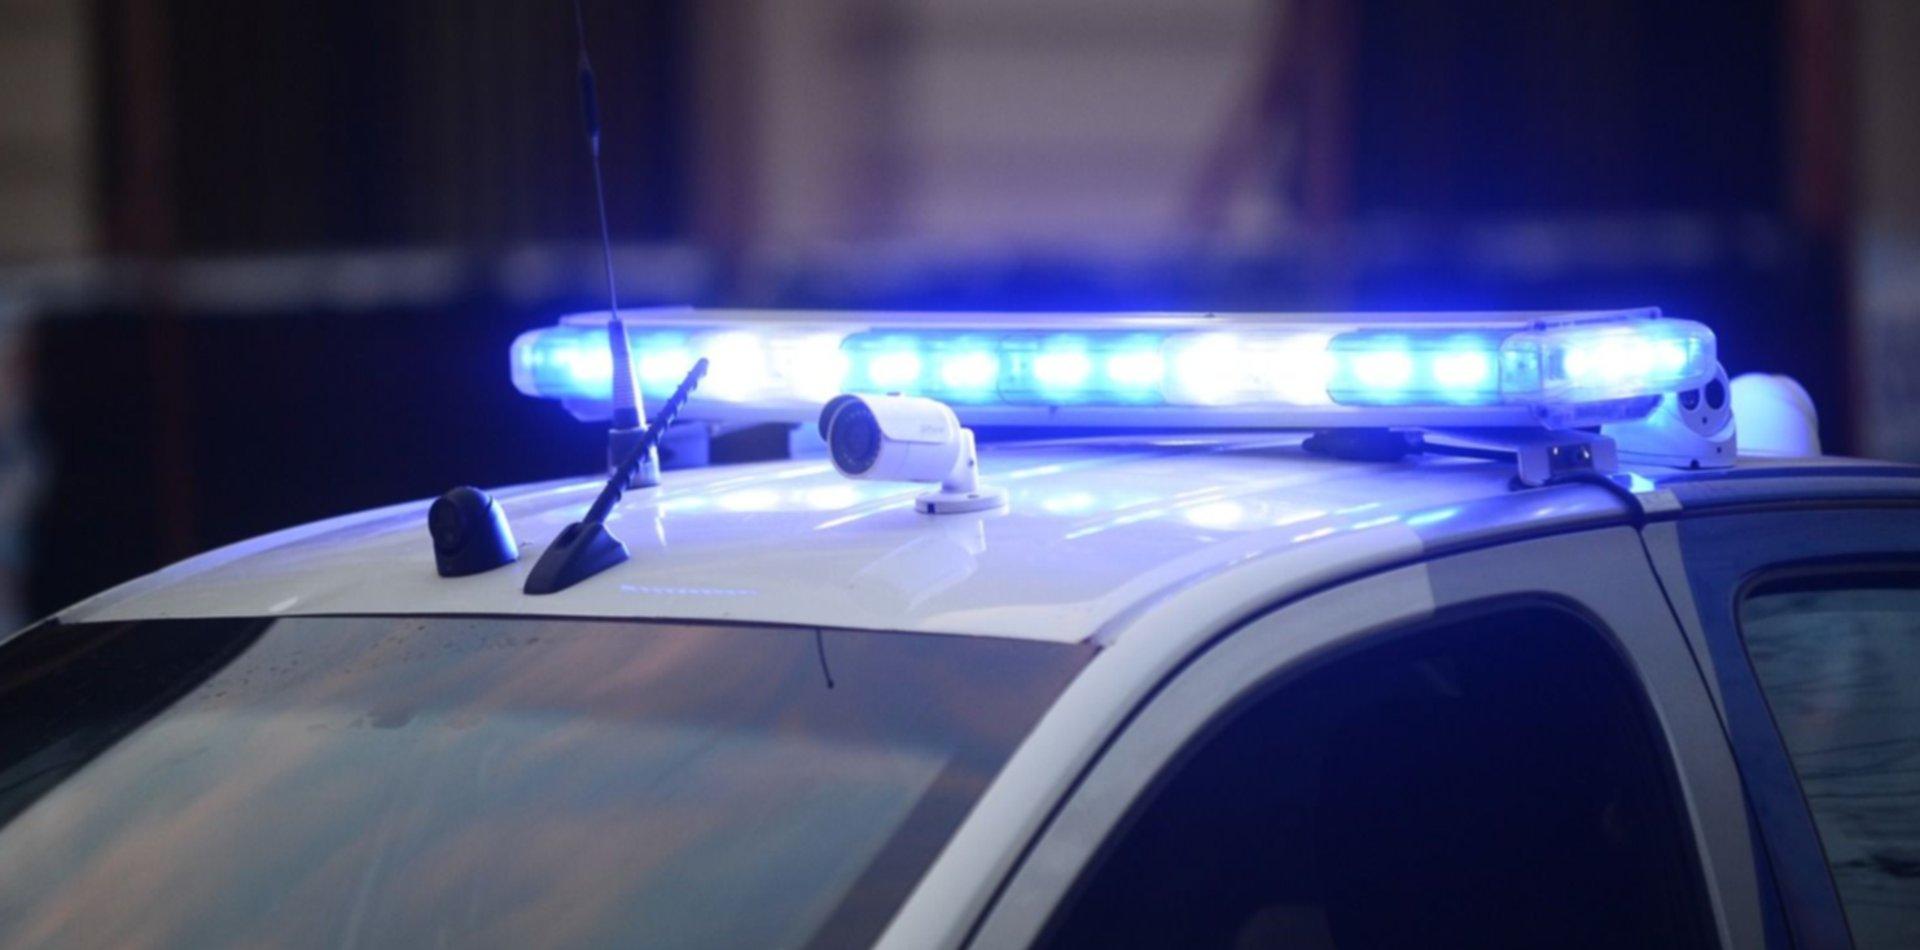 Conmoción en La Plata: encontraron a un hombre muerto adentro de su auto